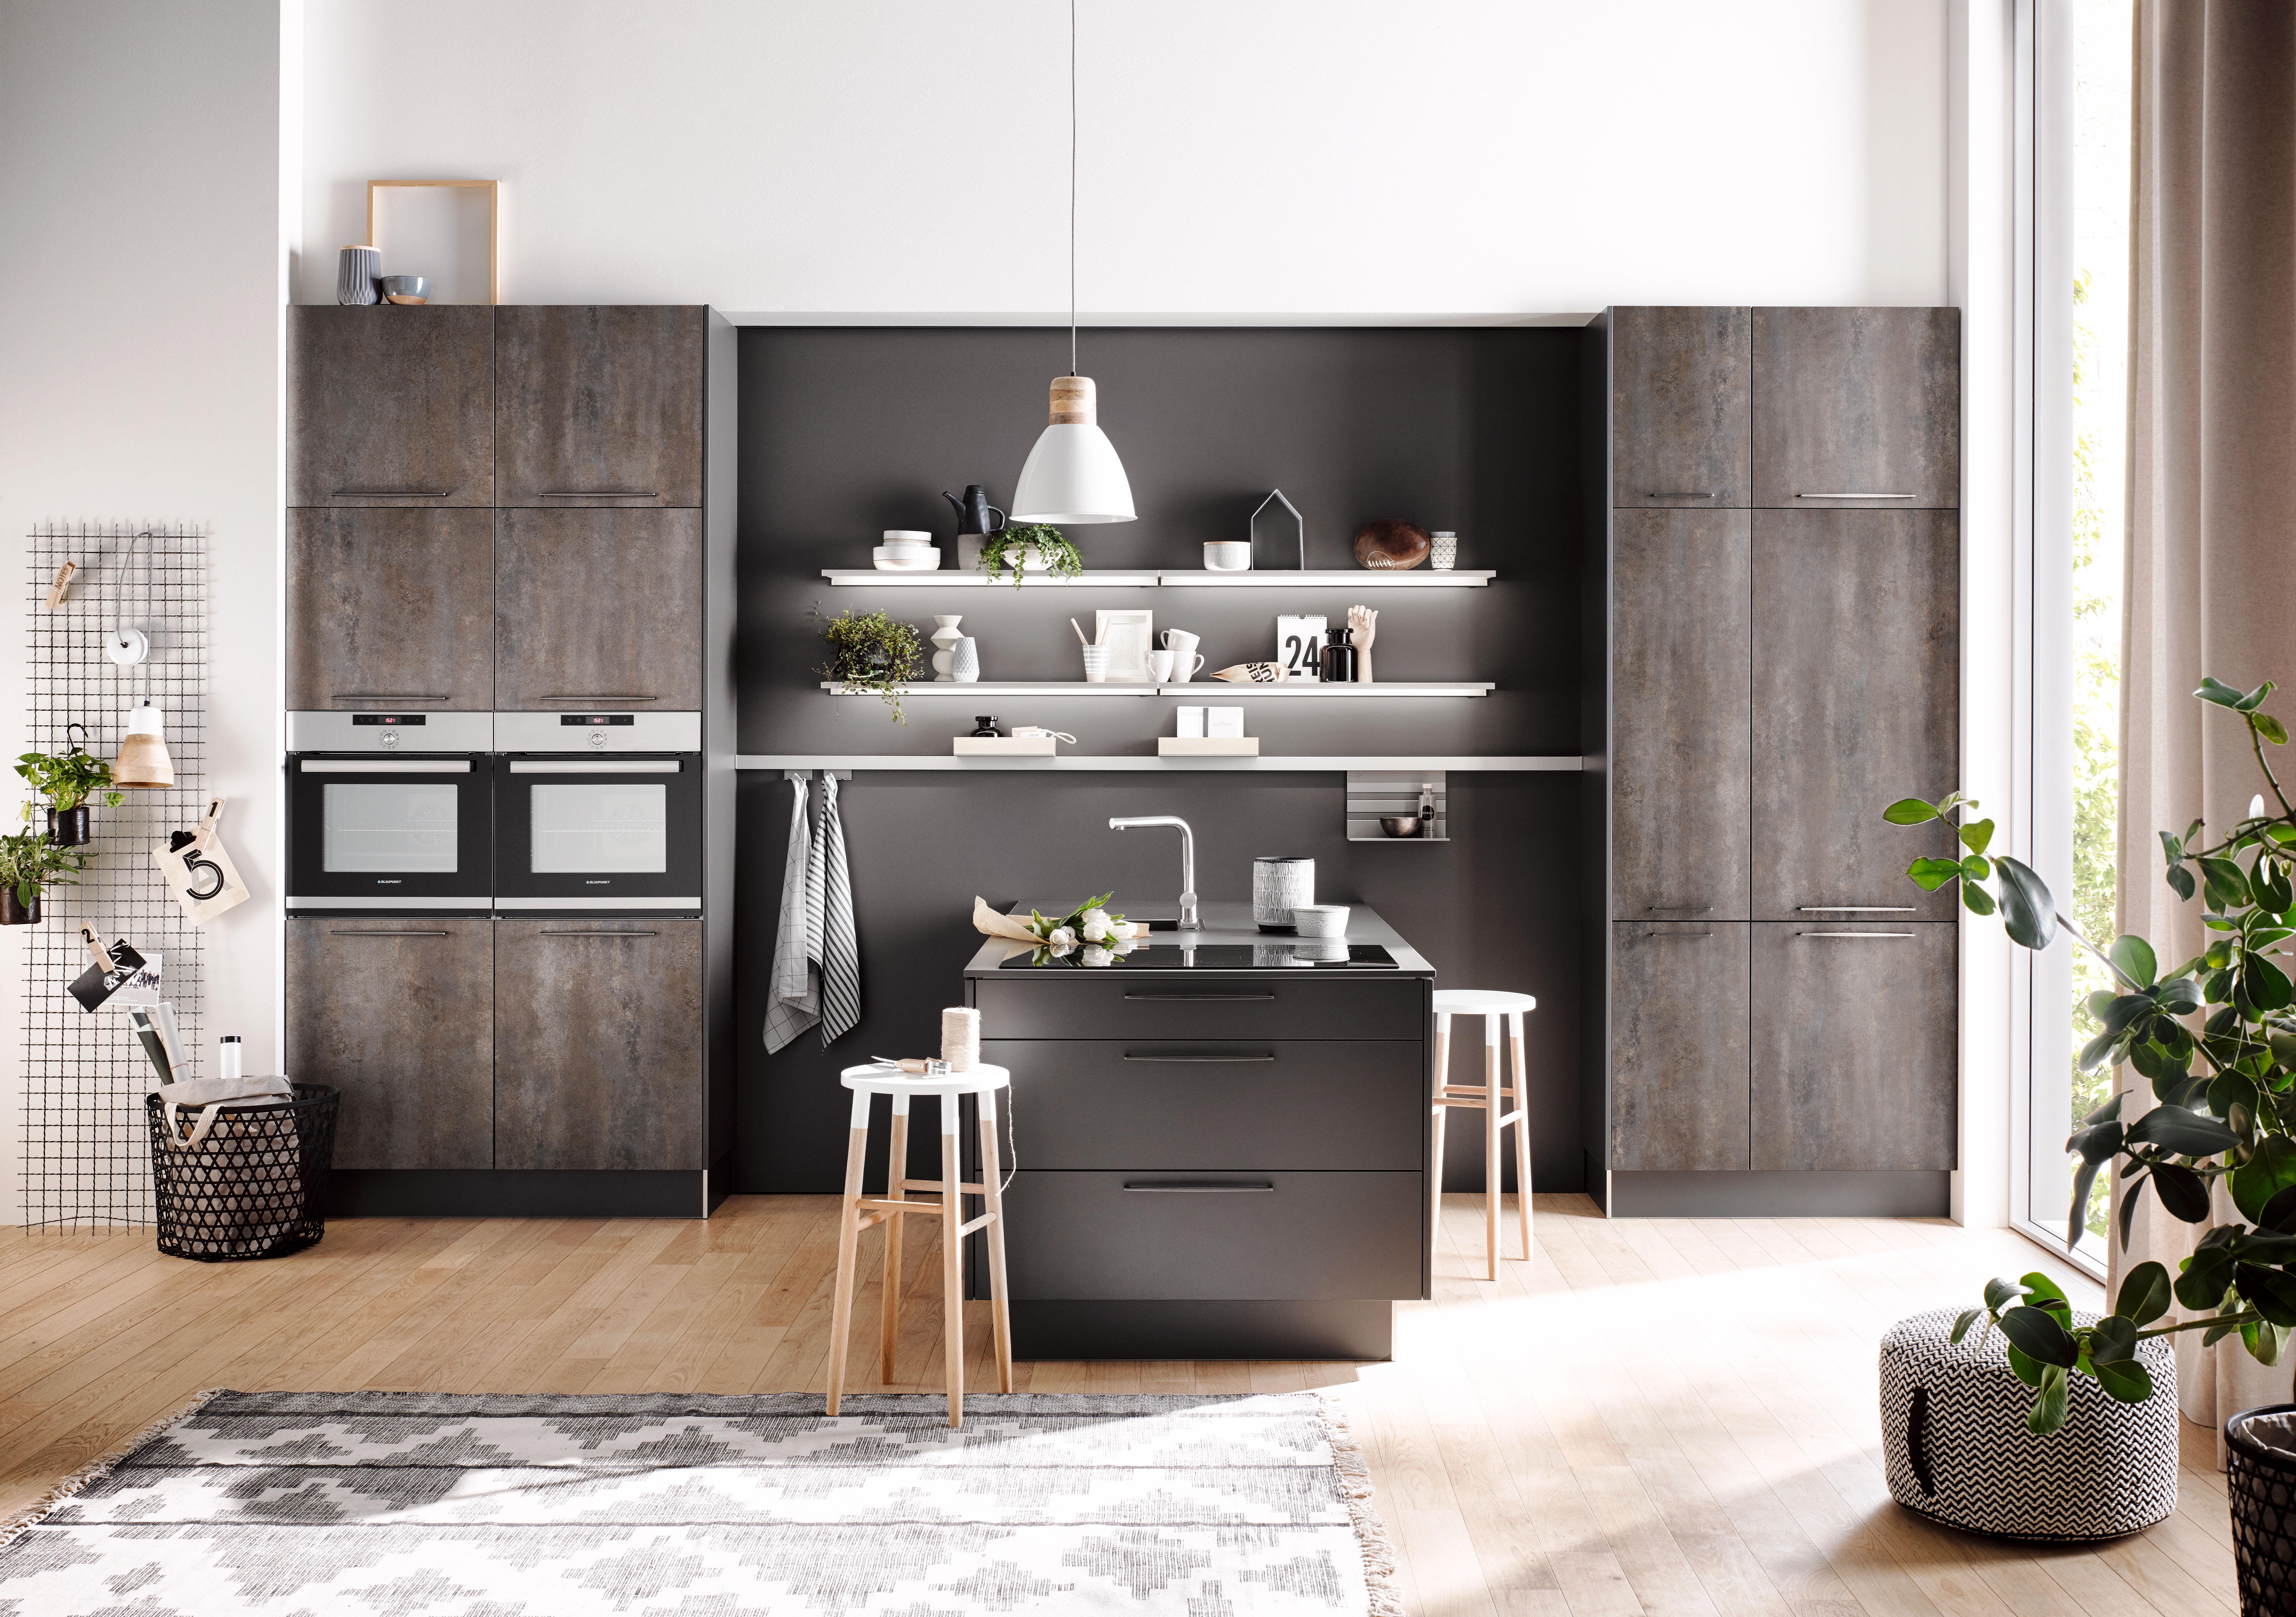 Küchentresen: moderne Bartresen für die Küche - Küche&Co